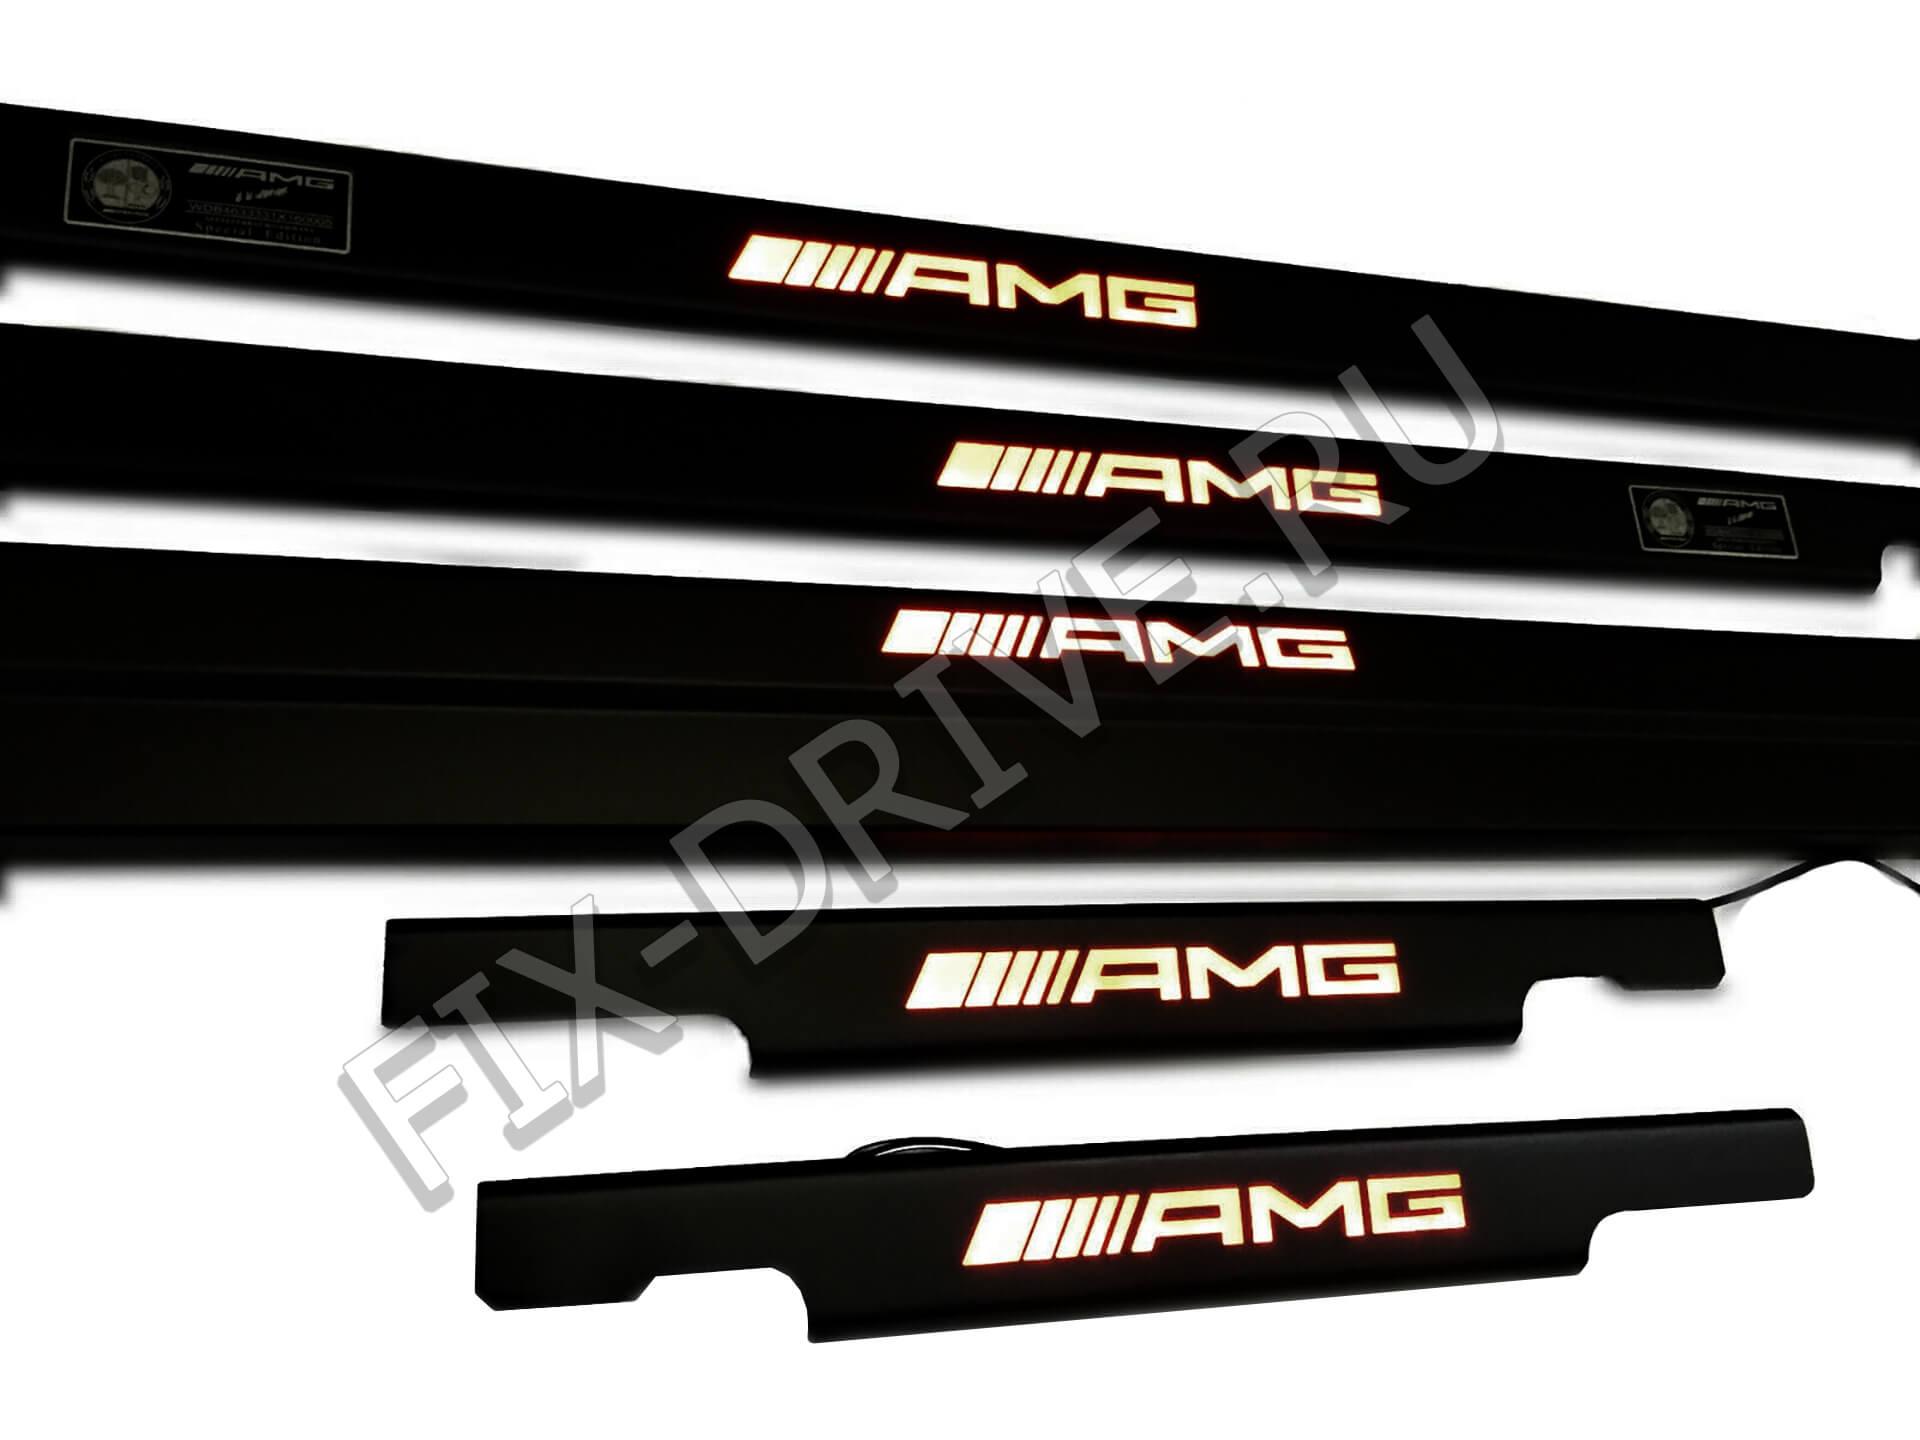 Пороги AMG с оранжевой подсветкой G-Class w463